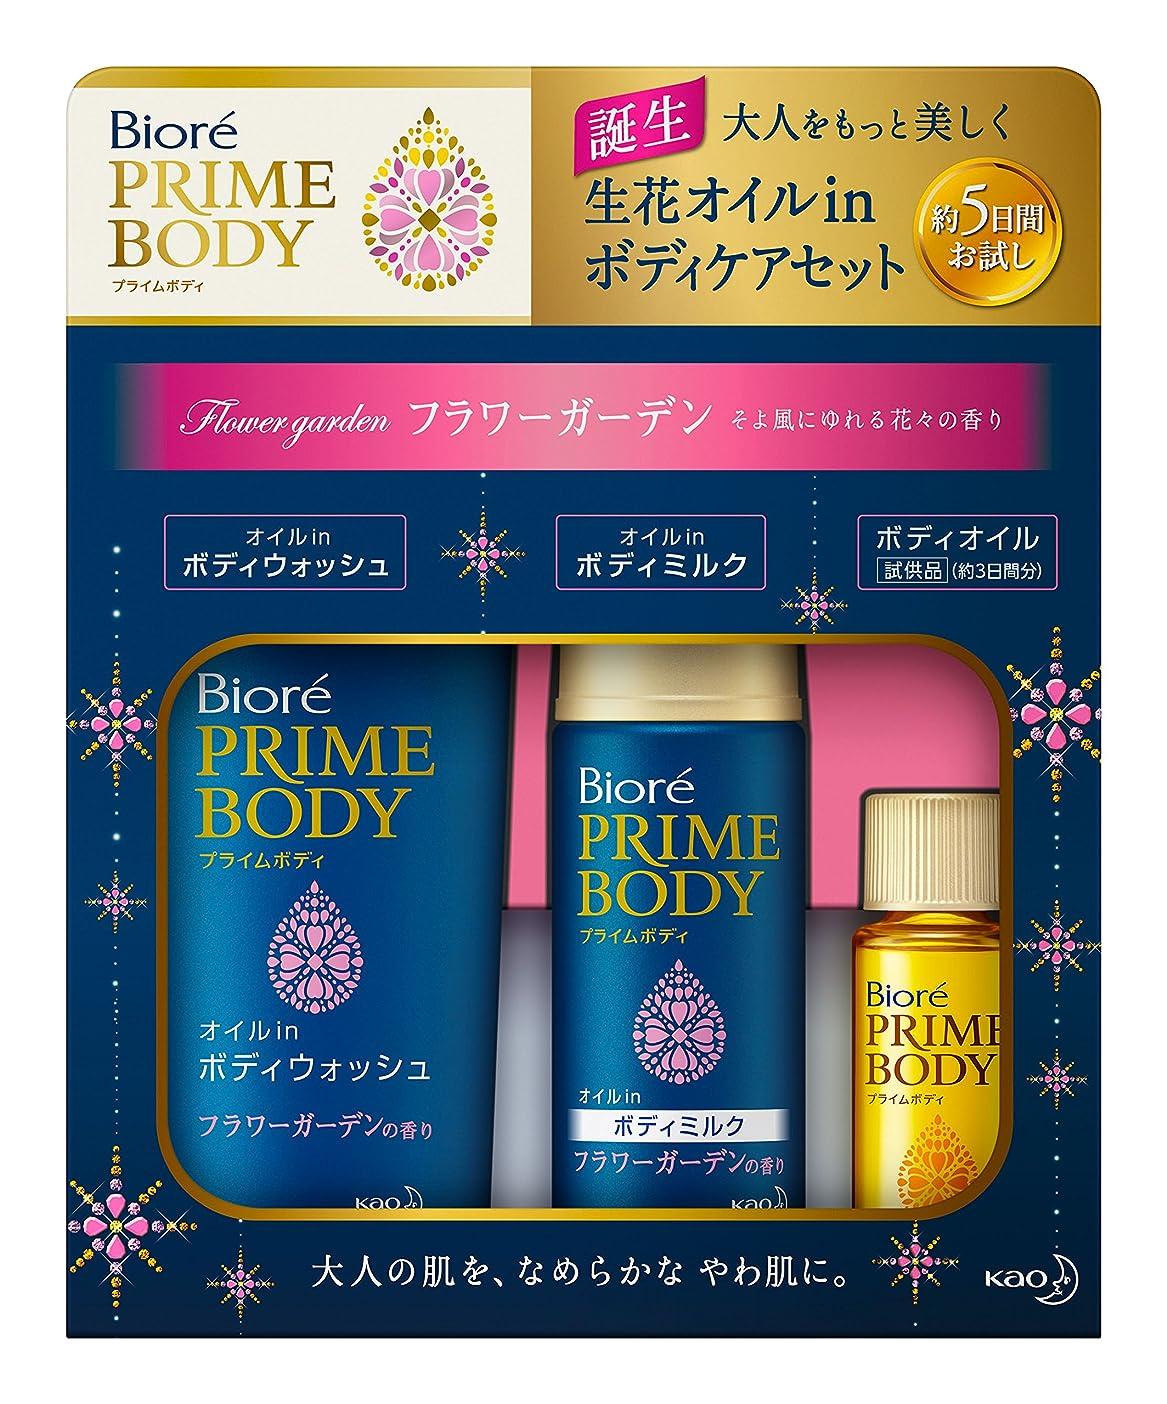 そばに寛大な応じるビオレ プライムボディ 5日間お試しセット フラワーガーデンの香り 83ml